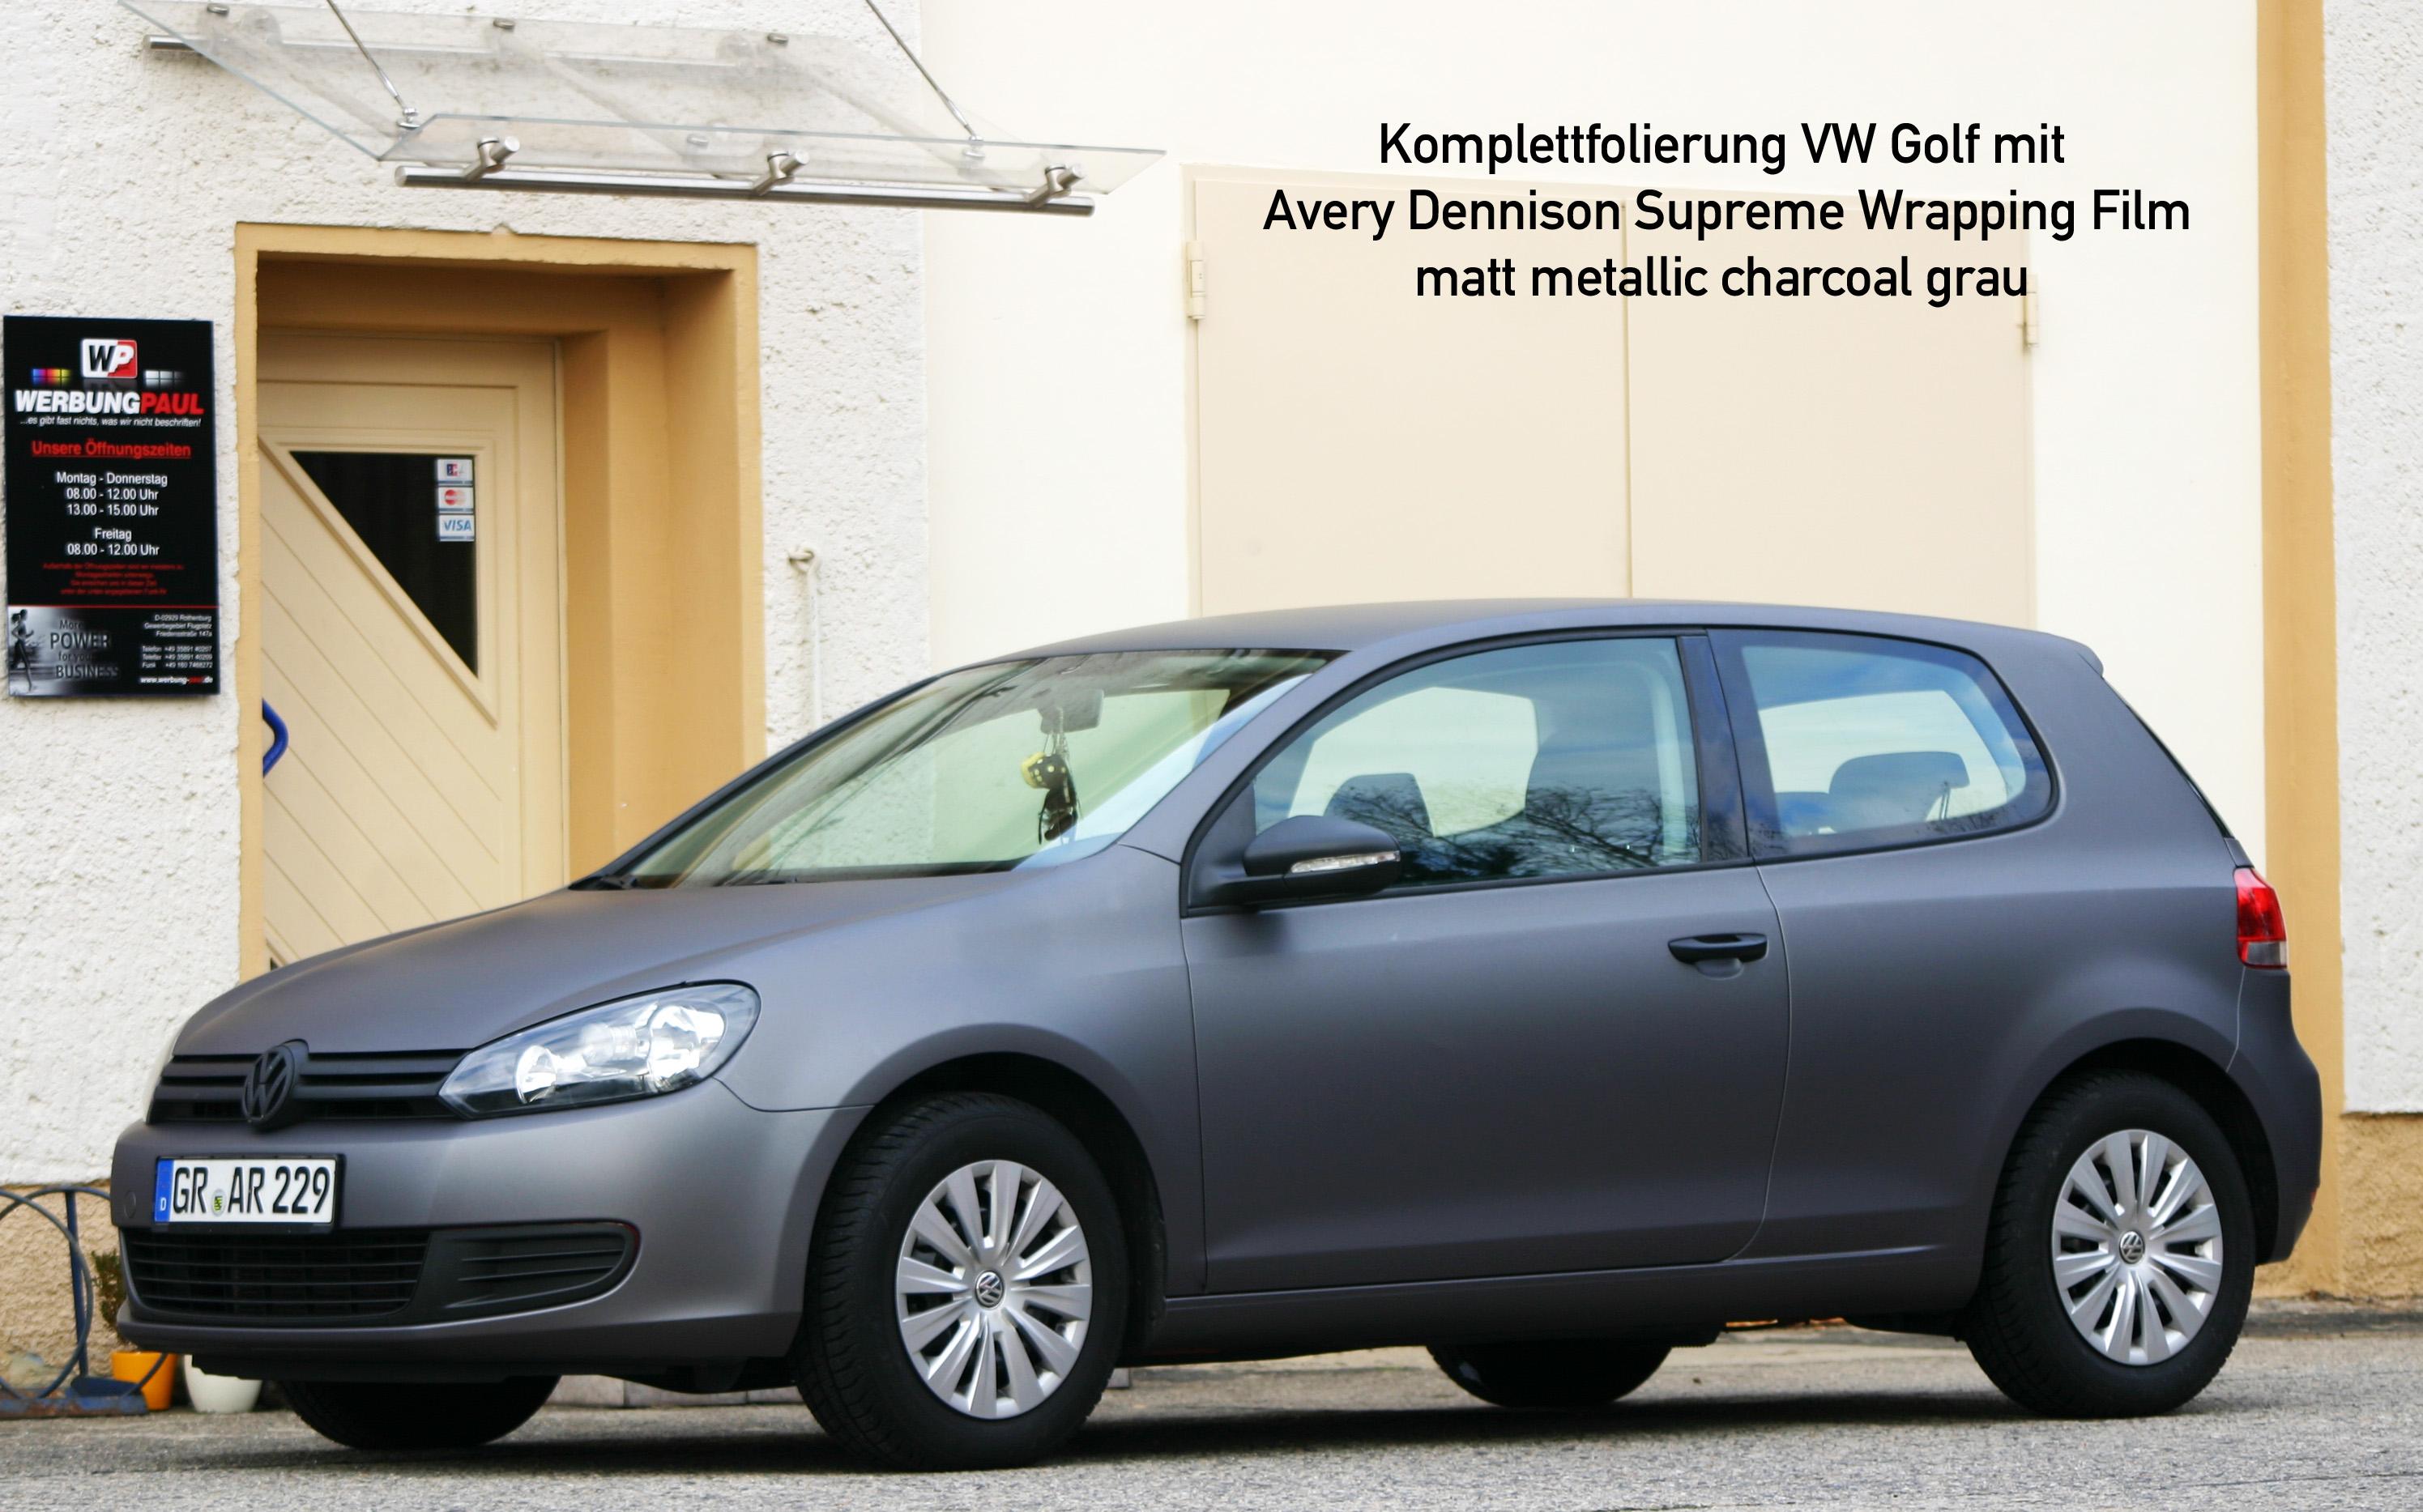 Vollfolierung VW Golf